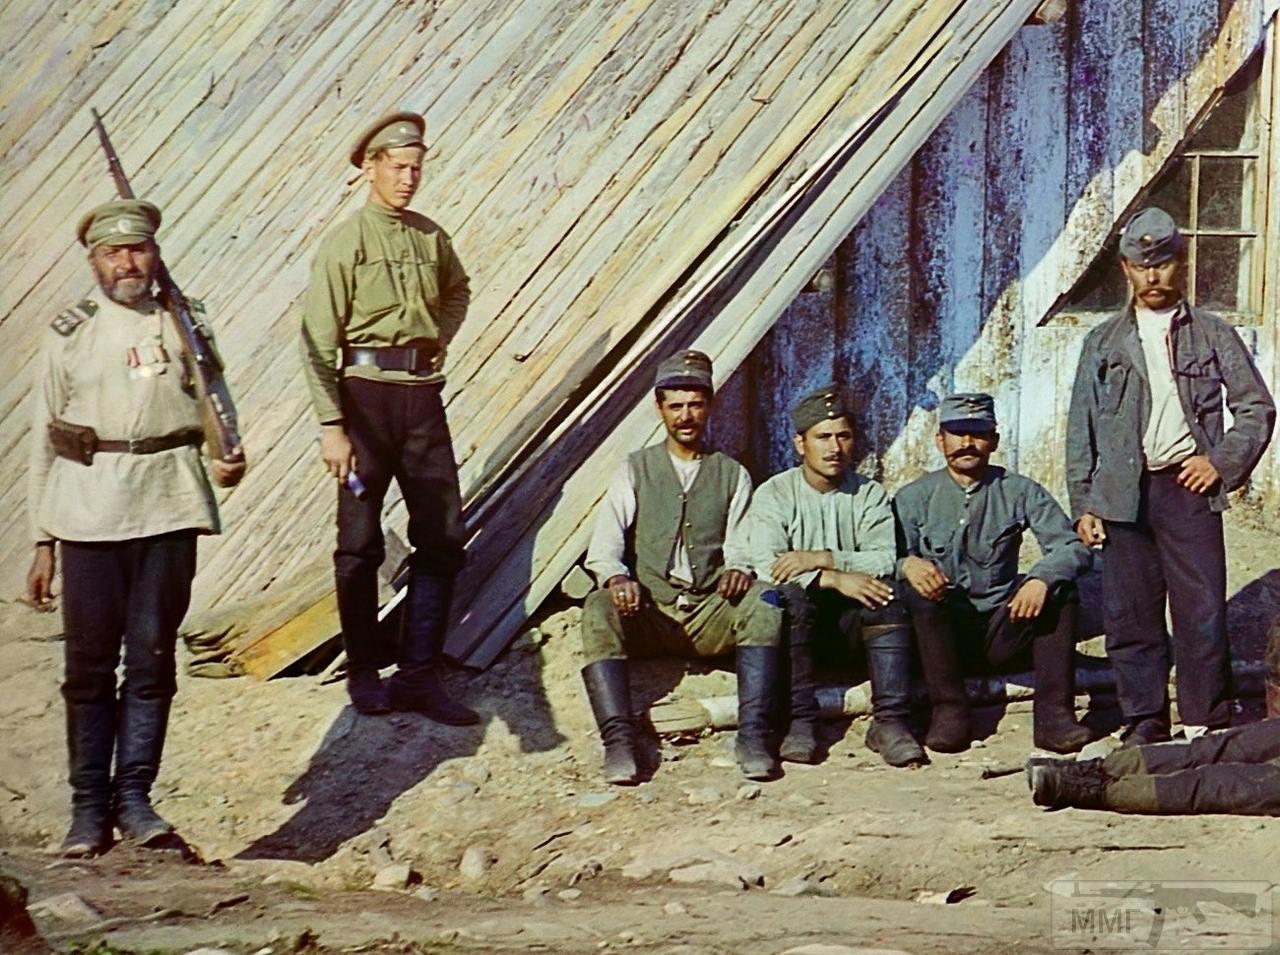 71653 - Военнопленные австрийцы у барака около станции Кивач в Петрозаводском уезде.